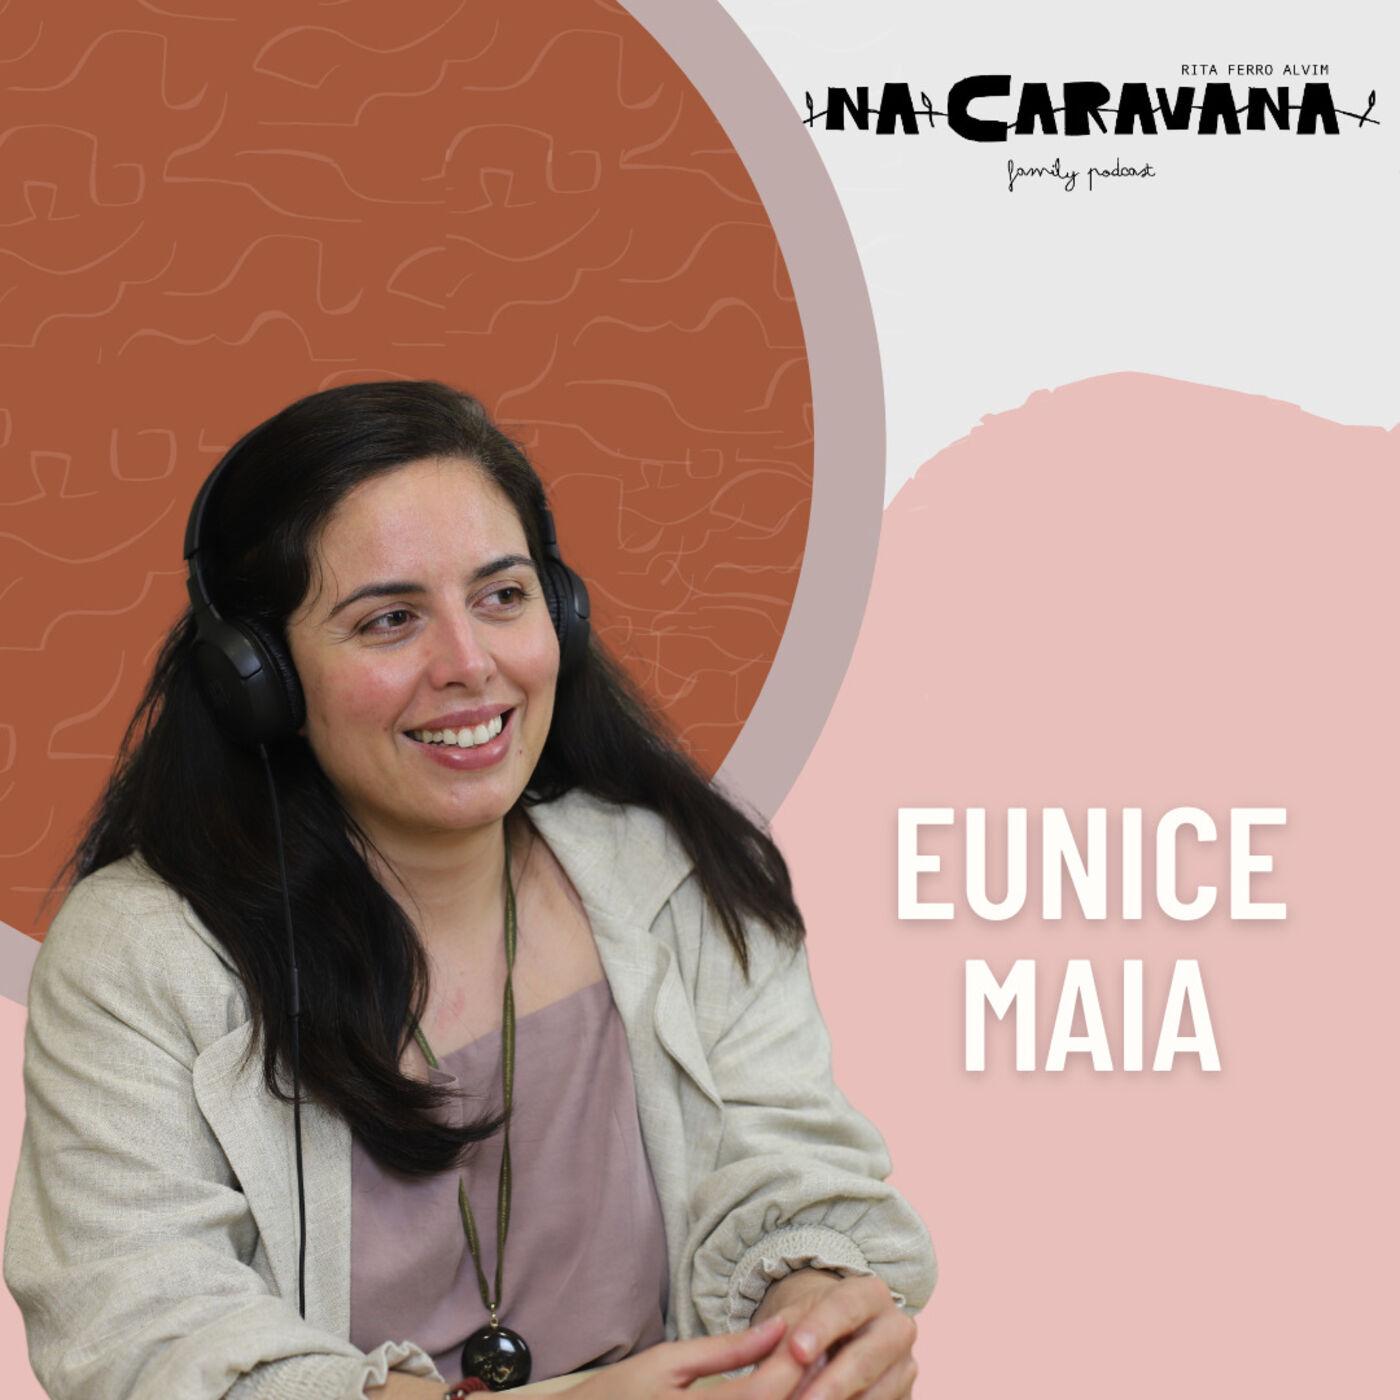 N'A Caravana com Eunice Maia #82 A primeira compra a granel, a amiga Bea johnson e duas lojas